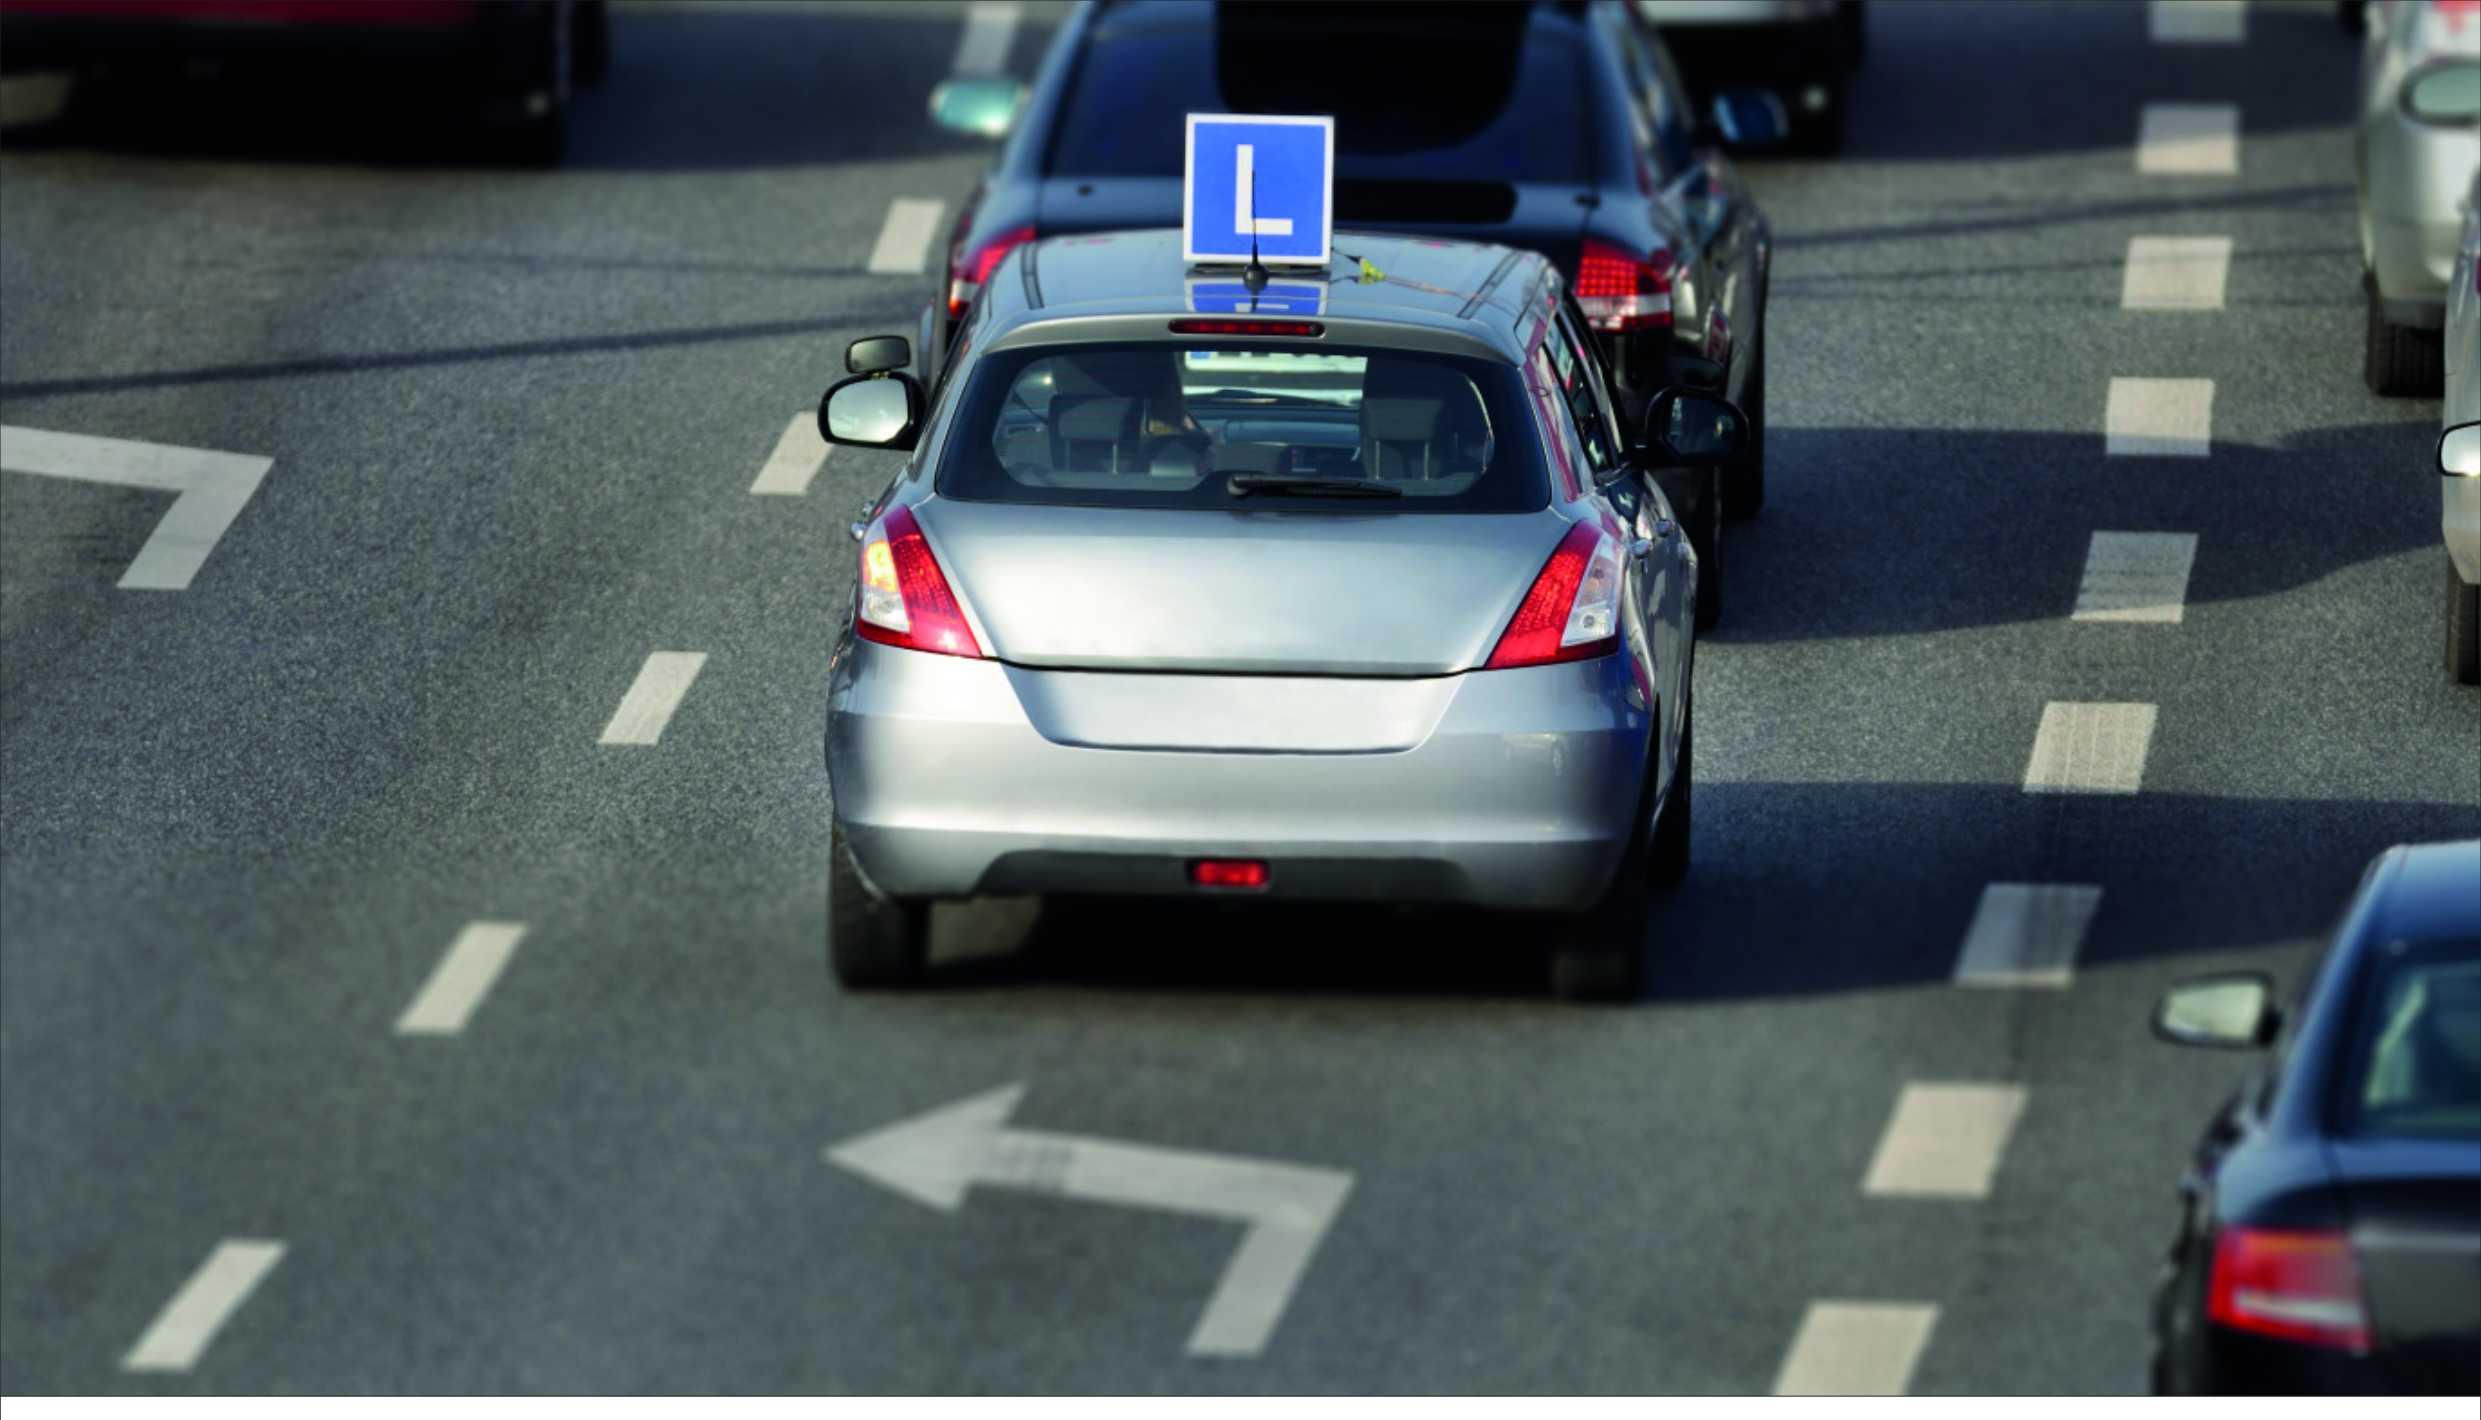 Elementy wyposażenia pojazdu zabronione podczas egzaminu na prawo jazdy.